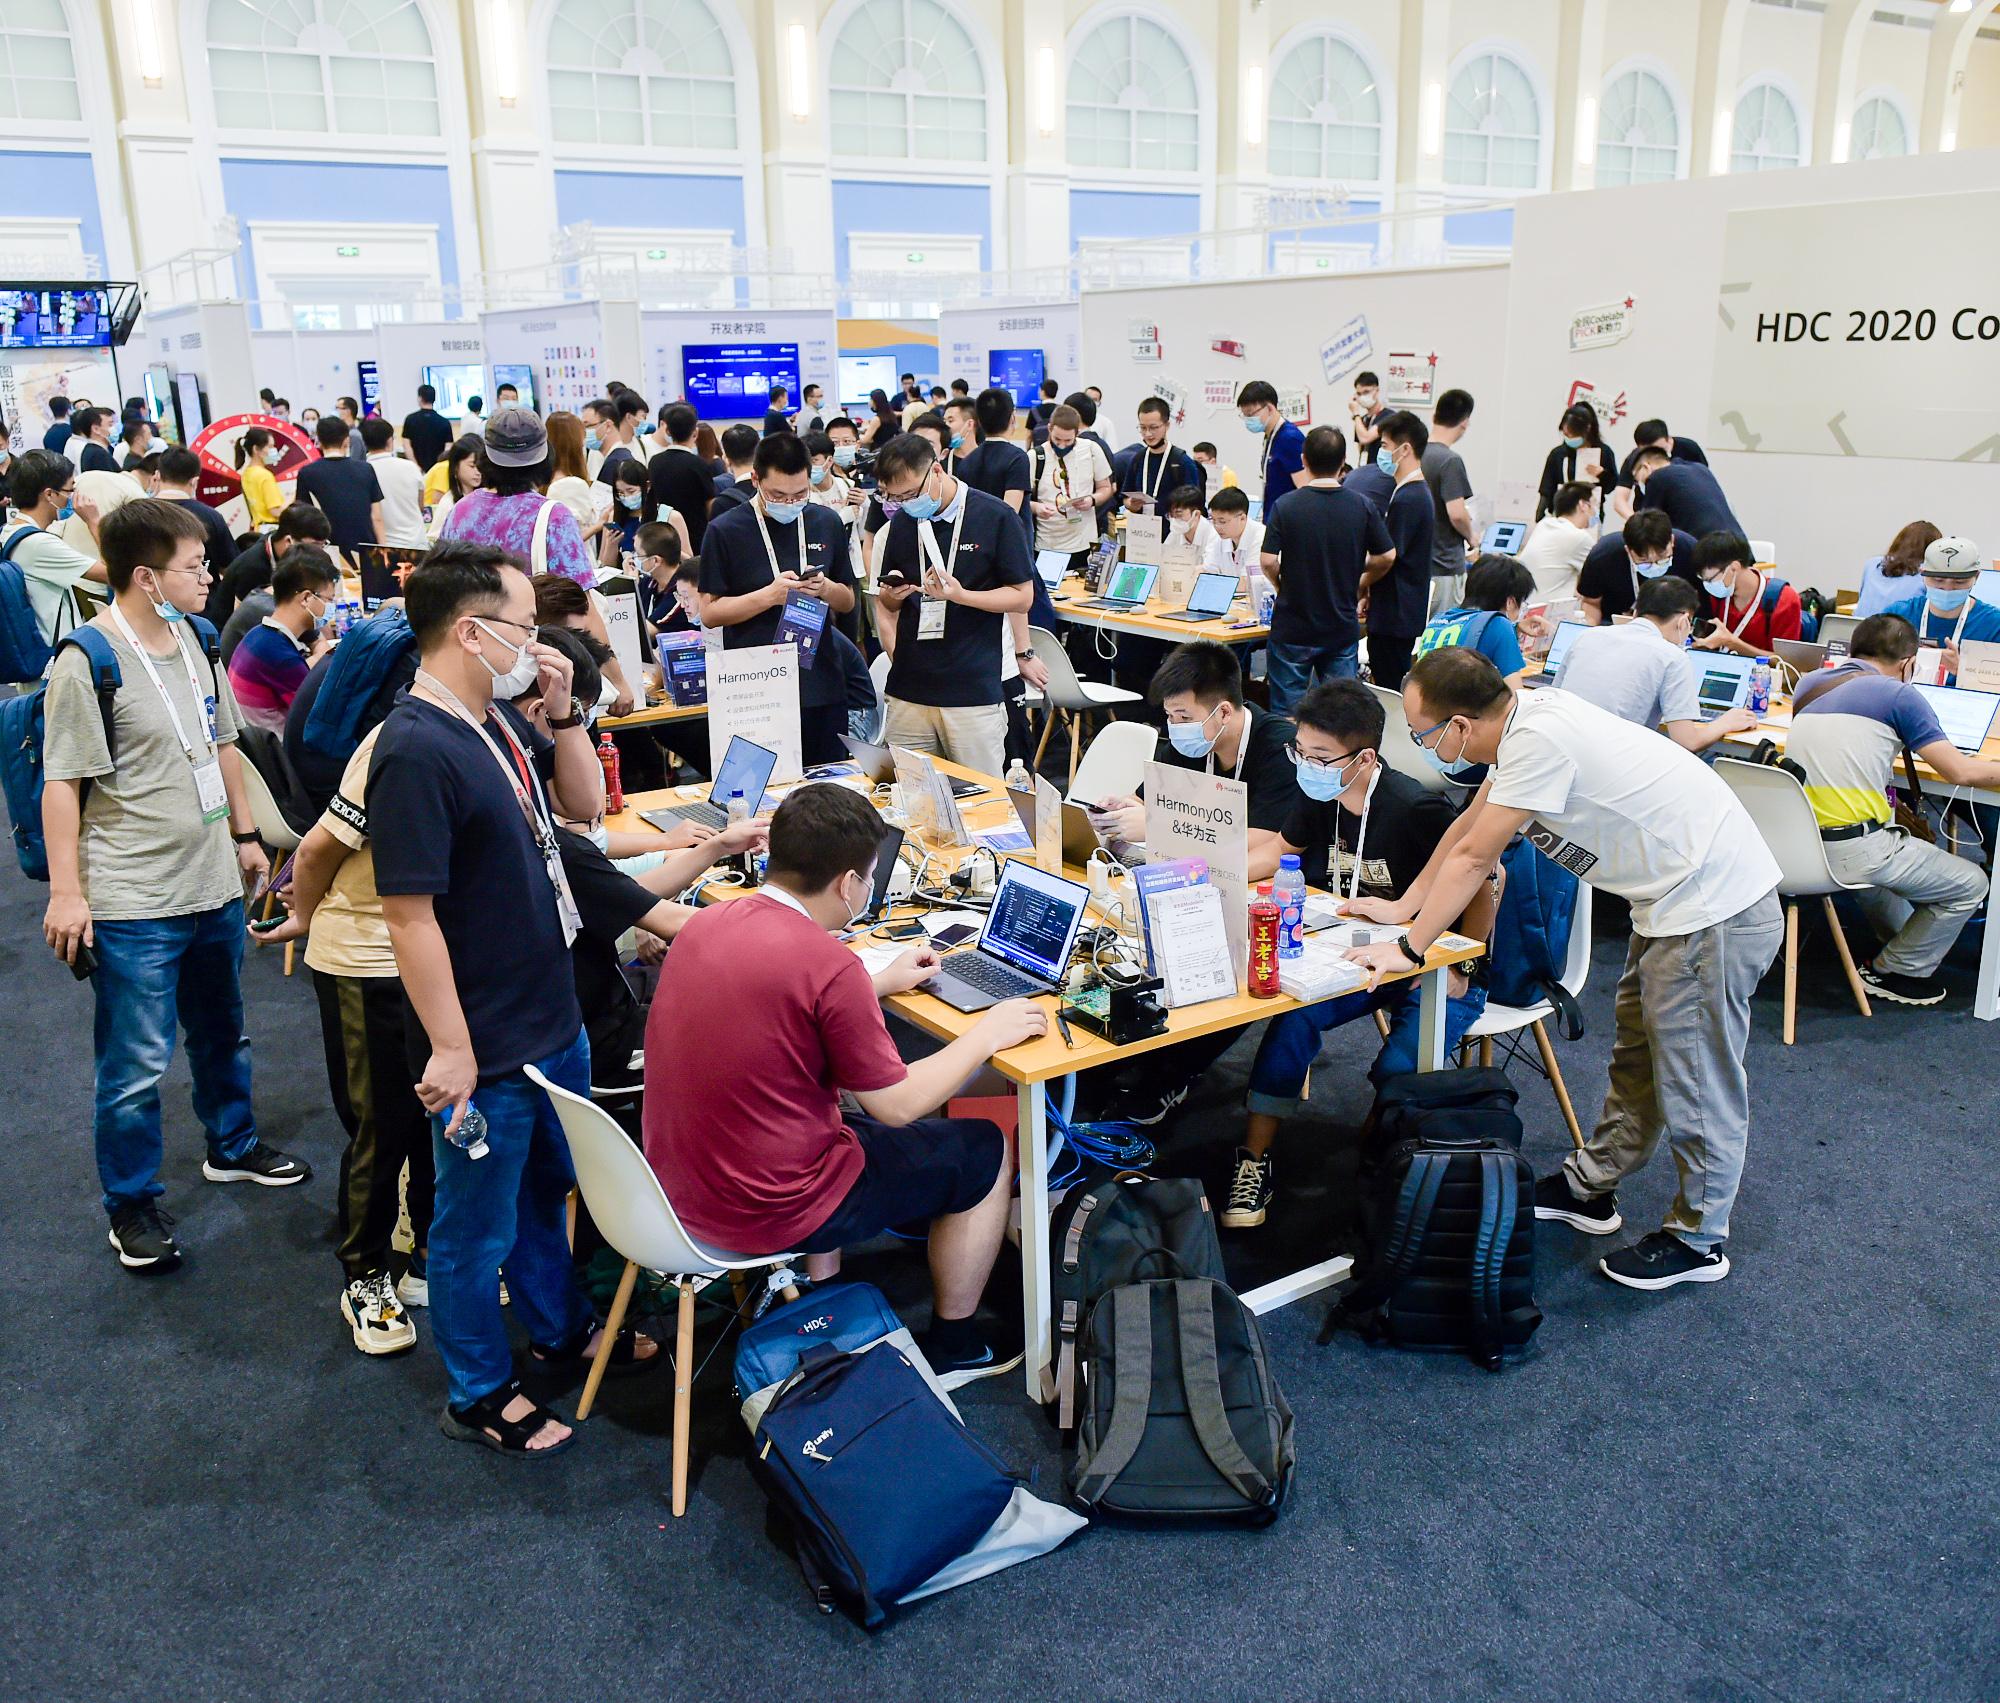 华为开发者大会比去年推迟1个月,在憋什么大招?鸿蒙3.0?